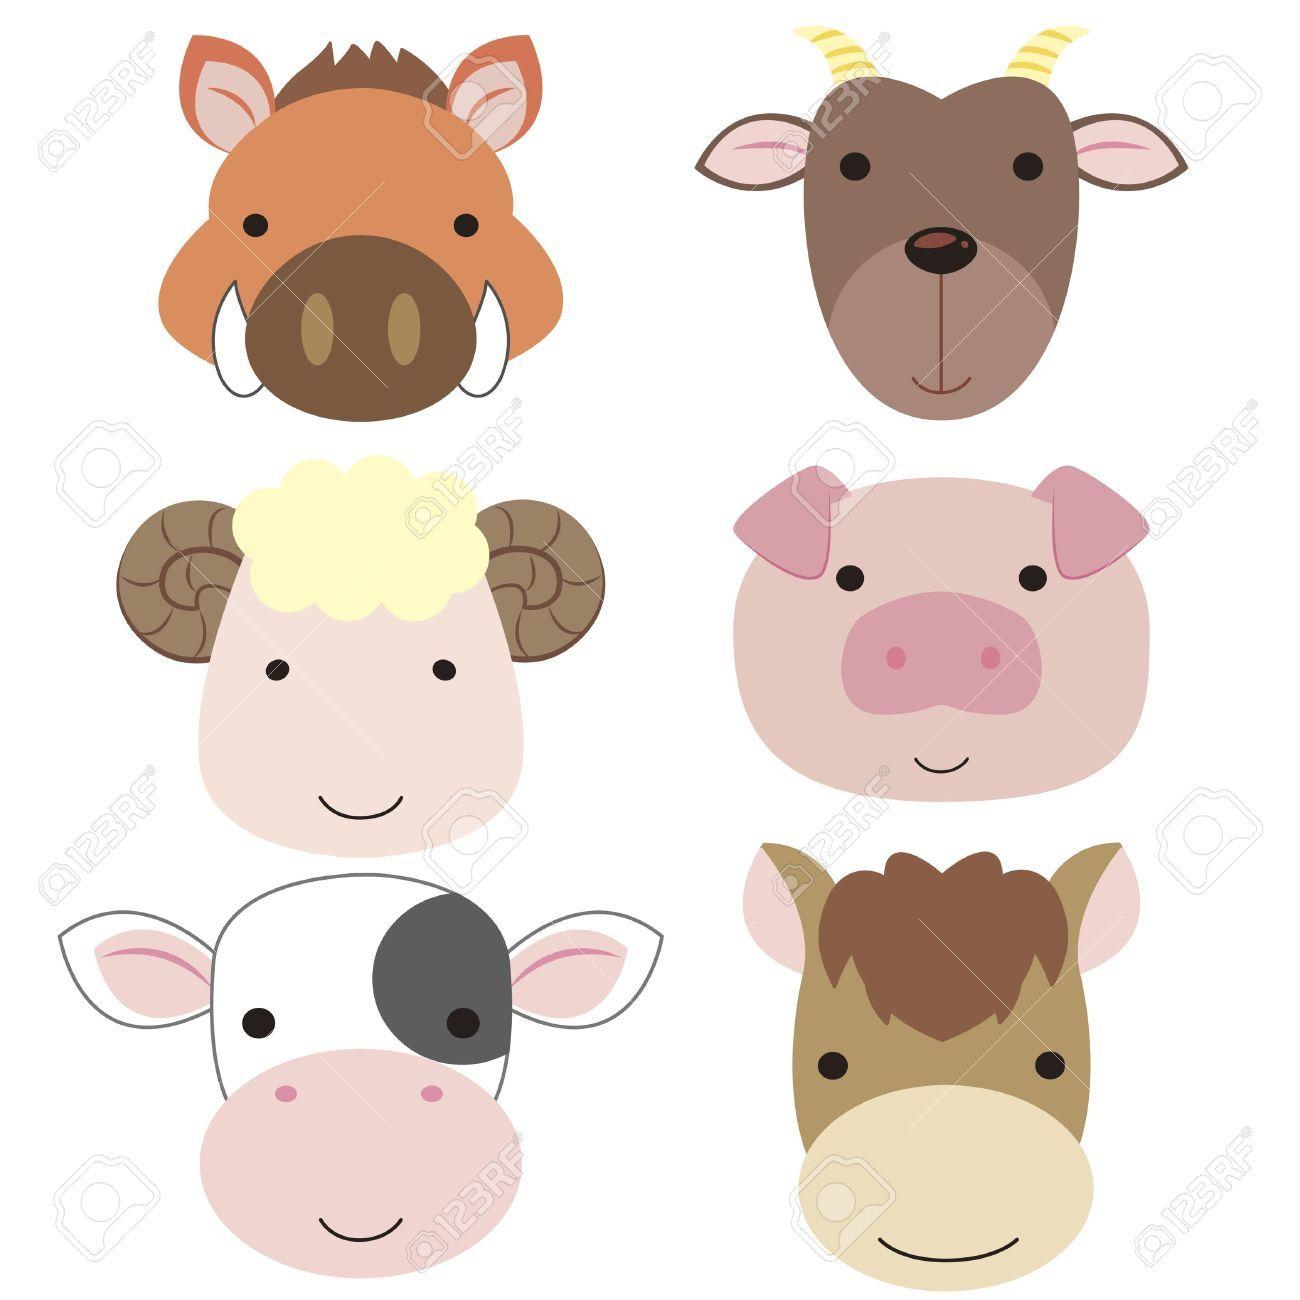 Horse Head Cartoon Cute Google Search Cartoon Animals Cute Cartoon Animals Cute Animals